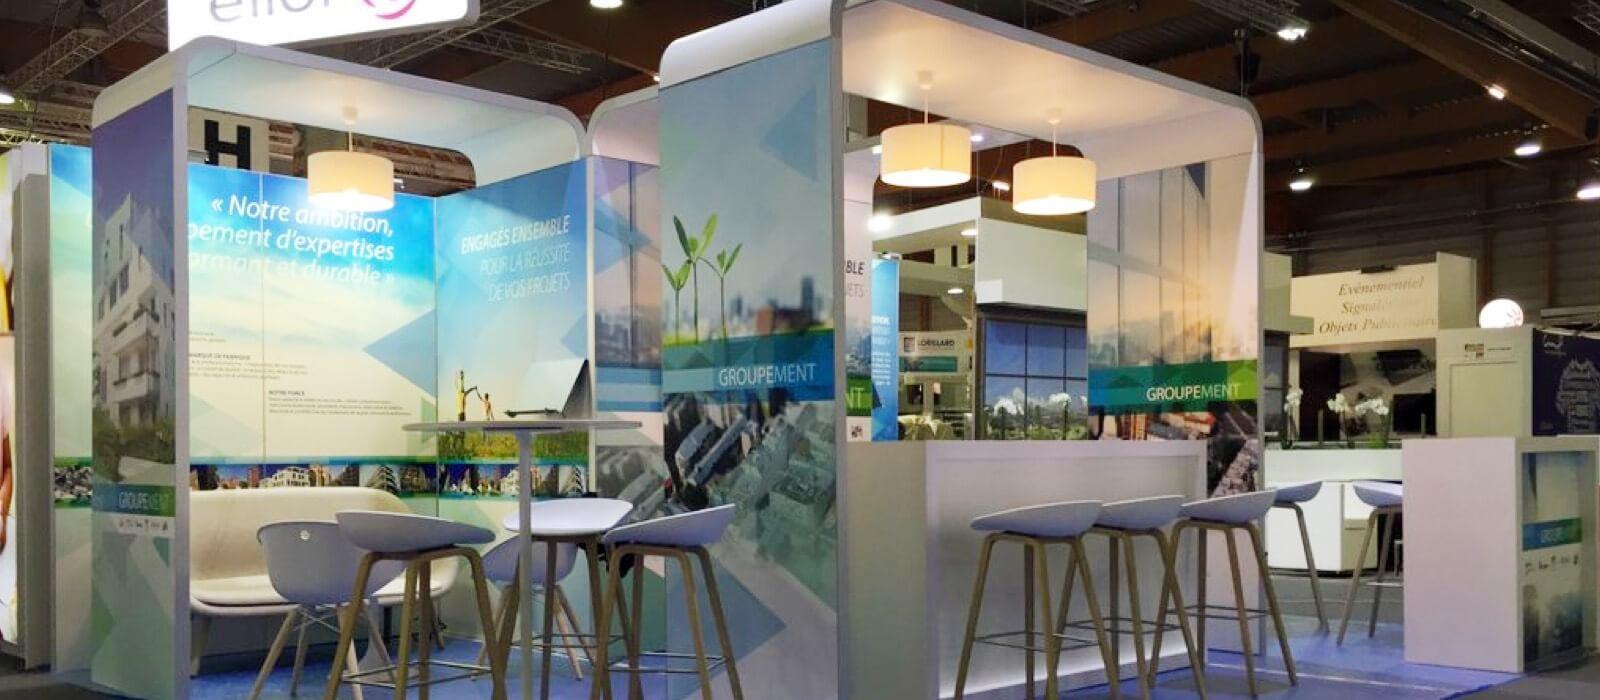 Création et location de stands modulaires d'exposition